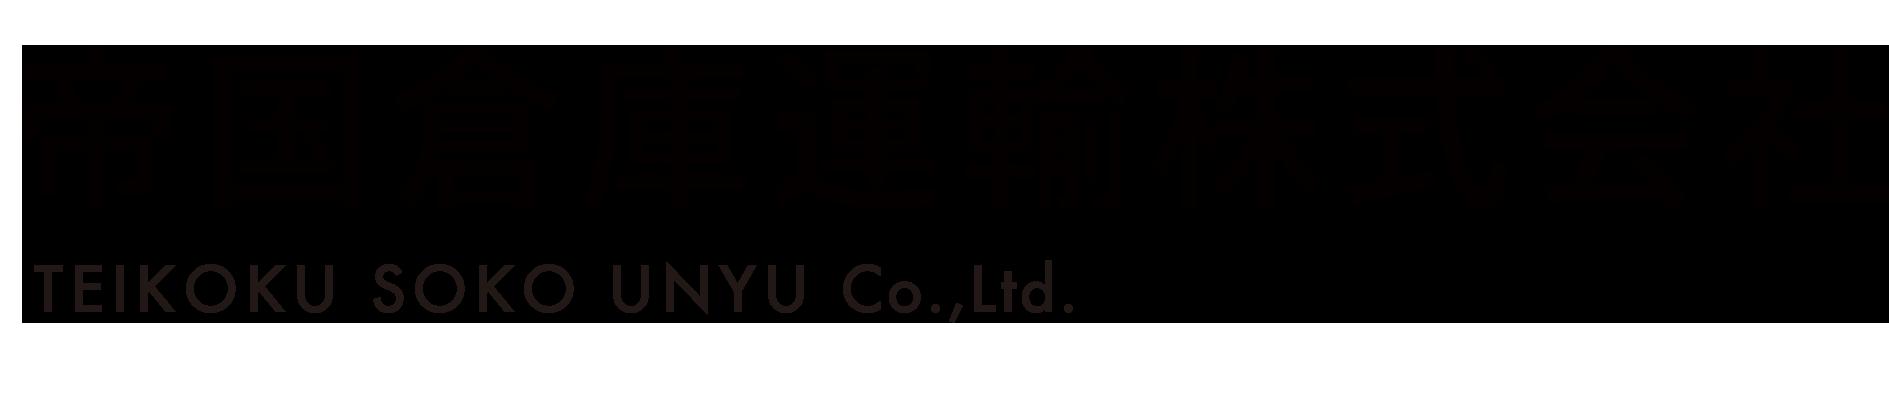 帝国倉庫運輸株式会社 | 倉庫業を中心とした総合物流サービス企業